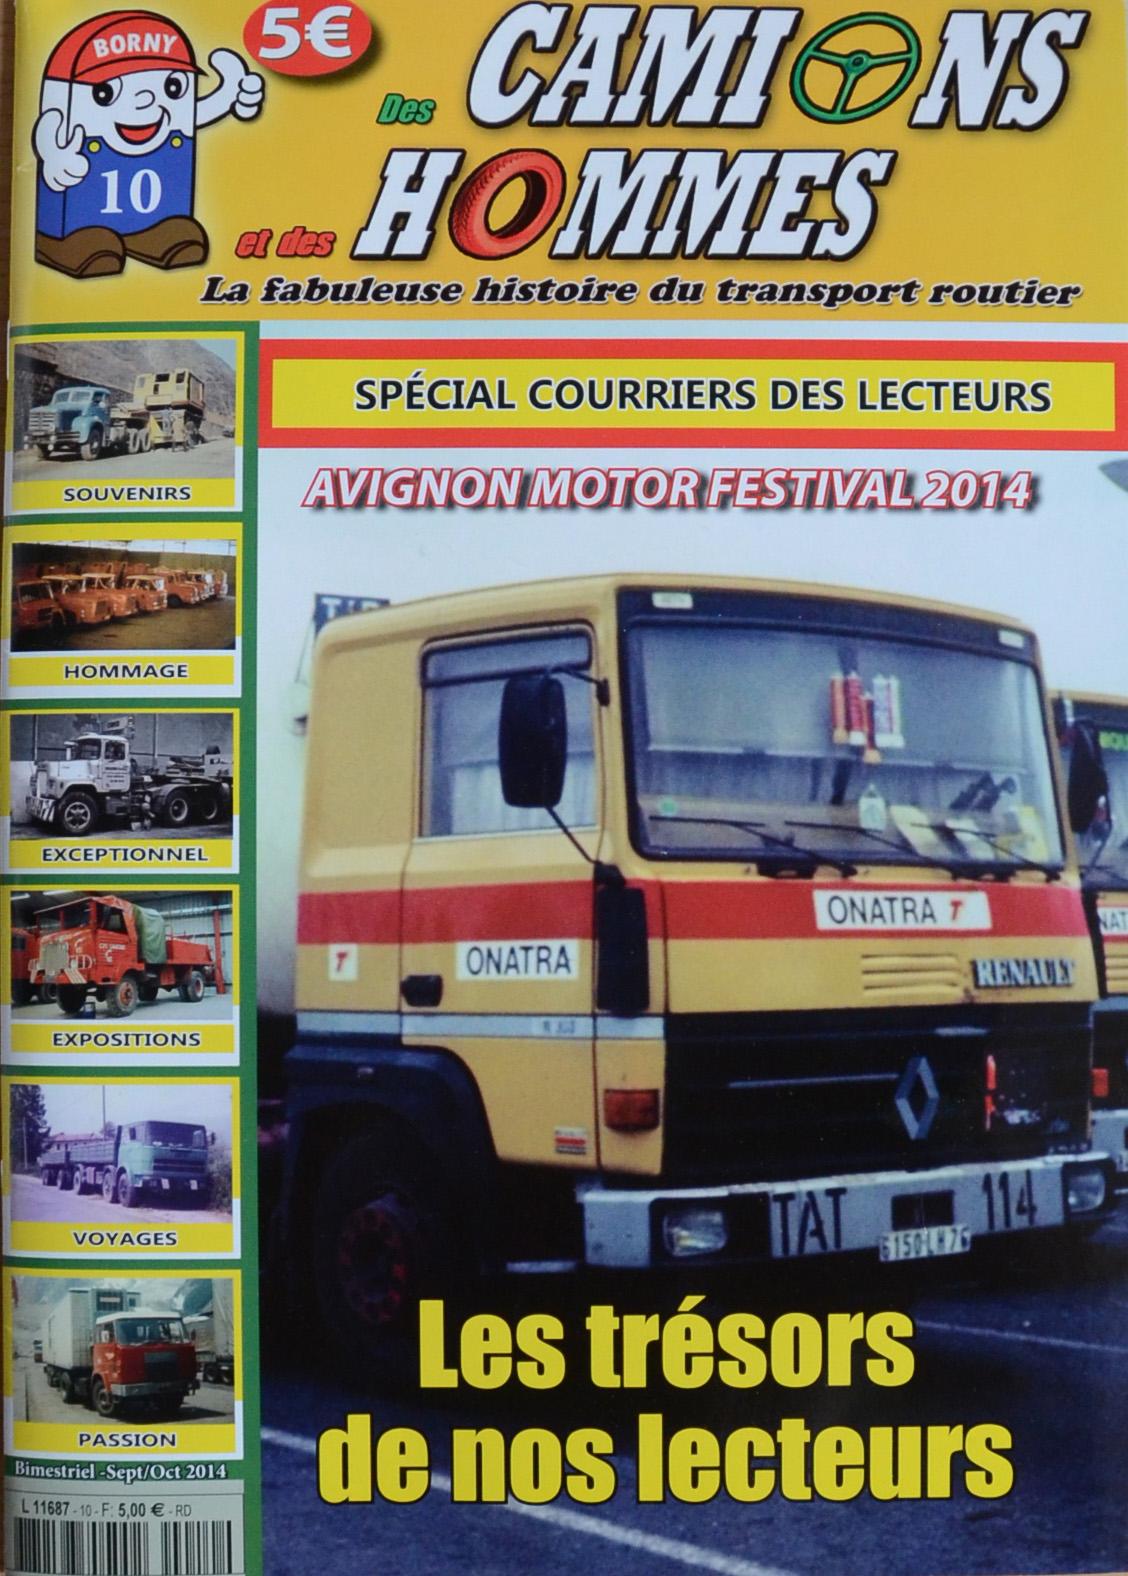 Magazine N°10 Des Camions et des Hommes (Etranger)